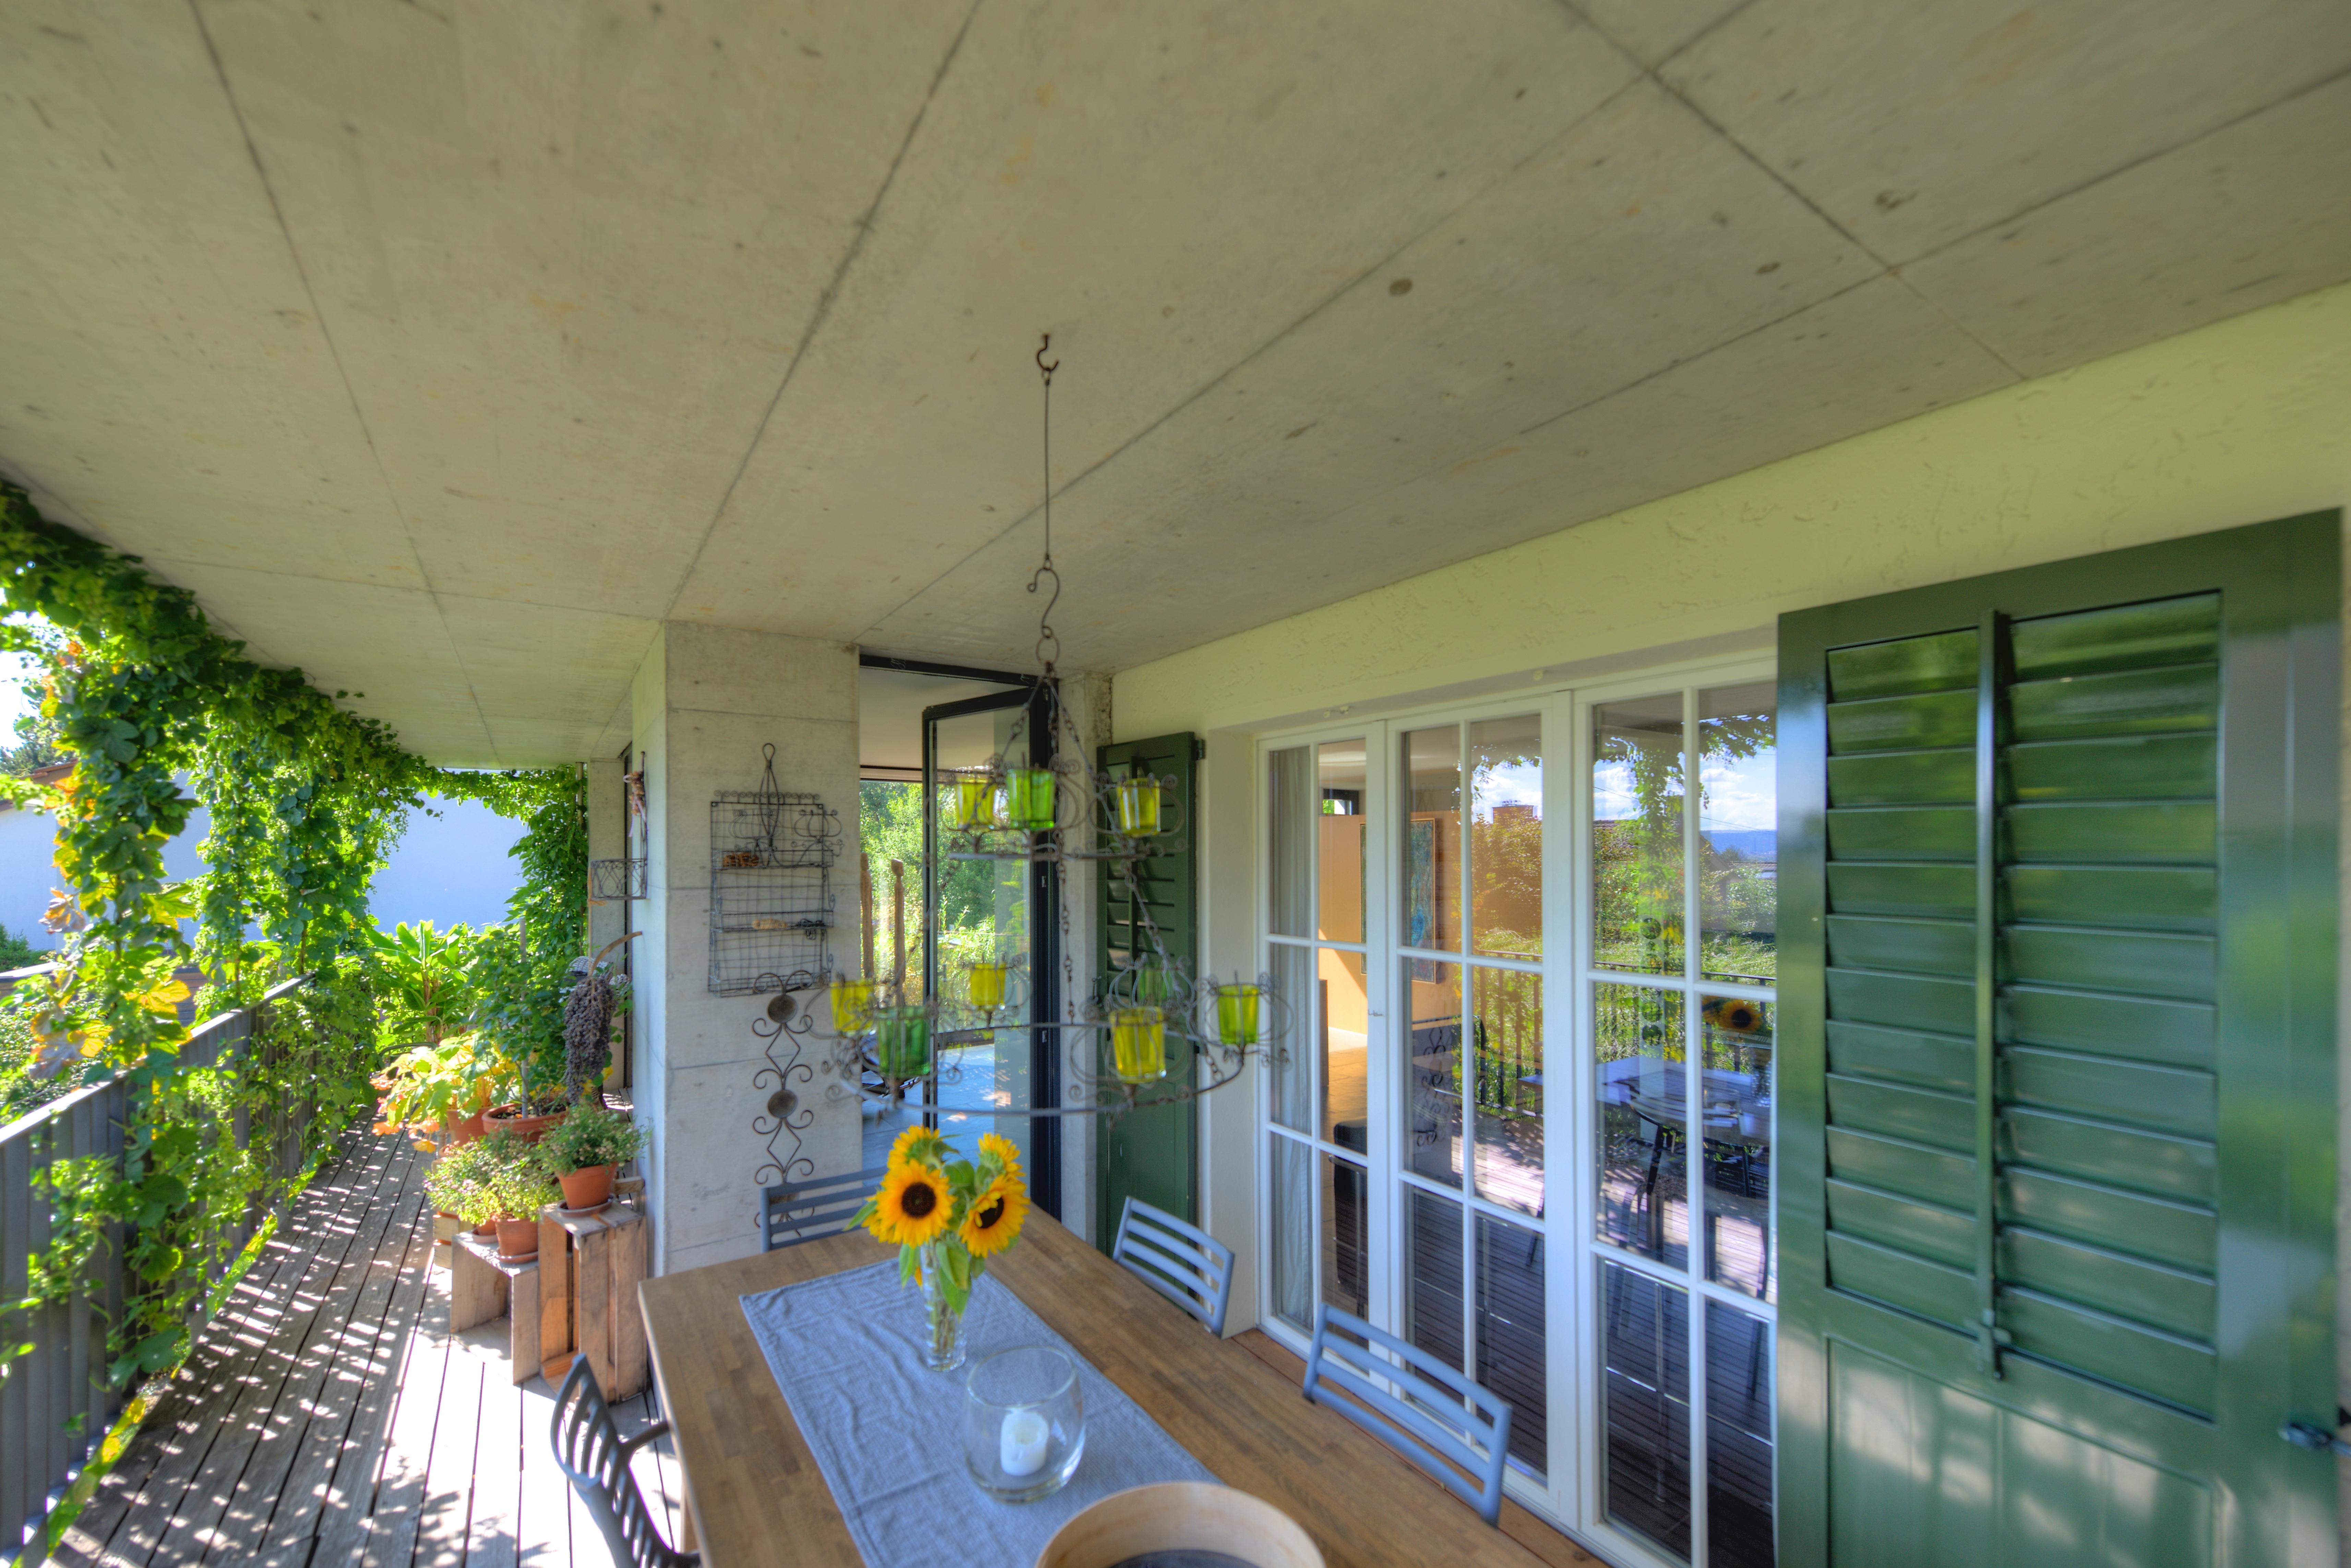 Der geschützte Balkon mit dem Zugang zum Essbereich